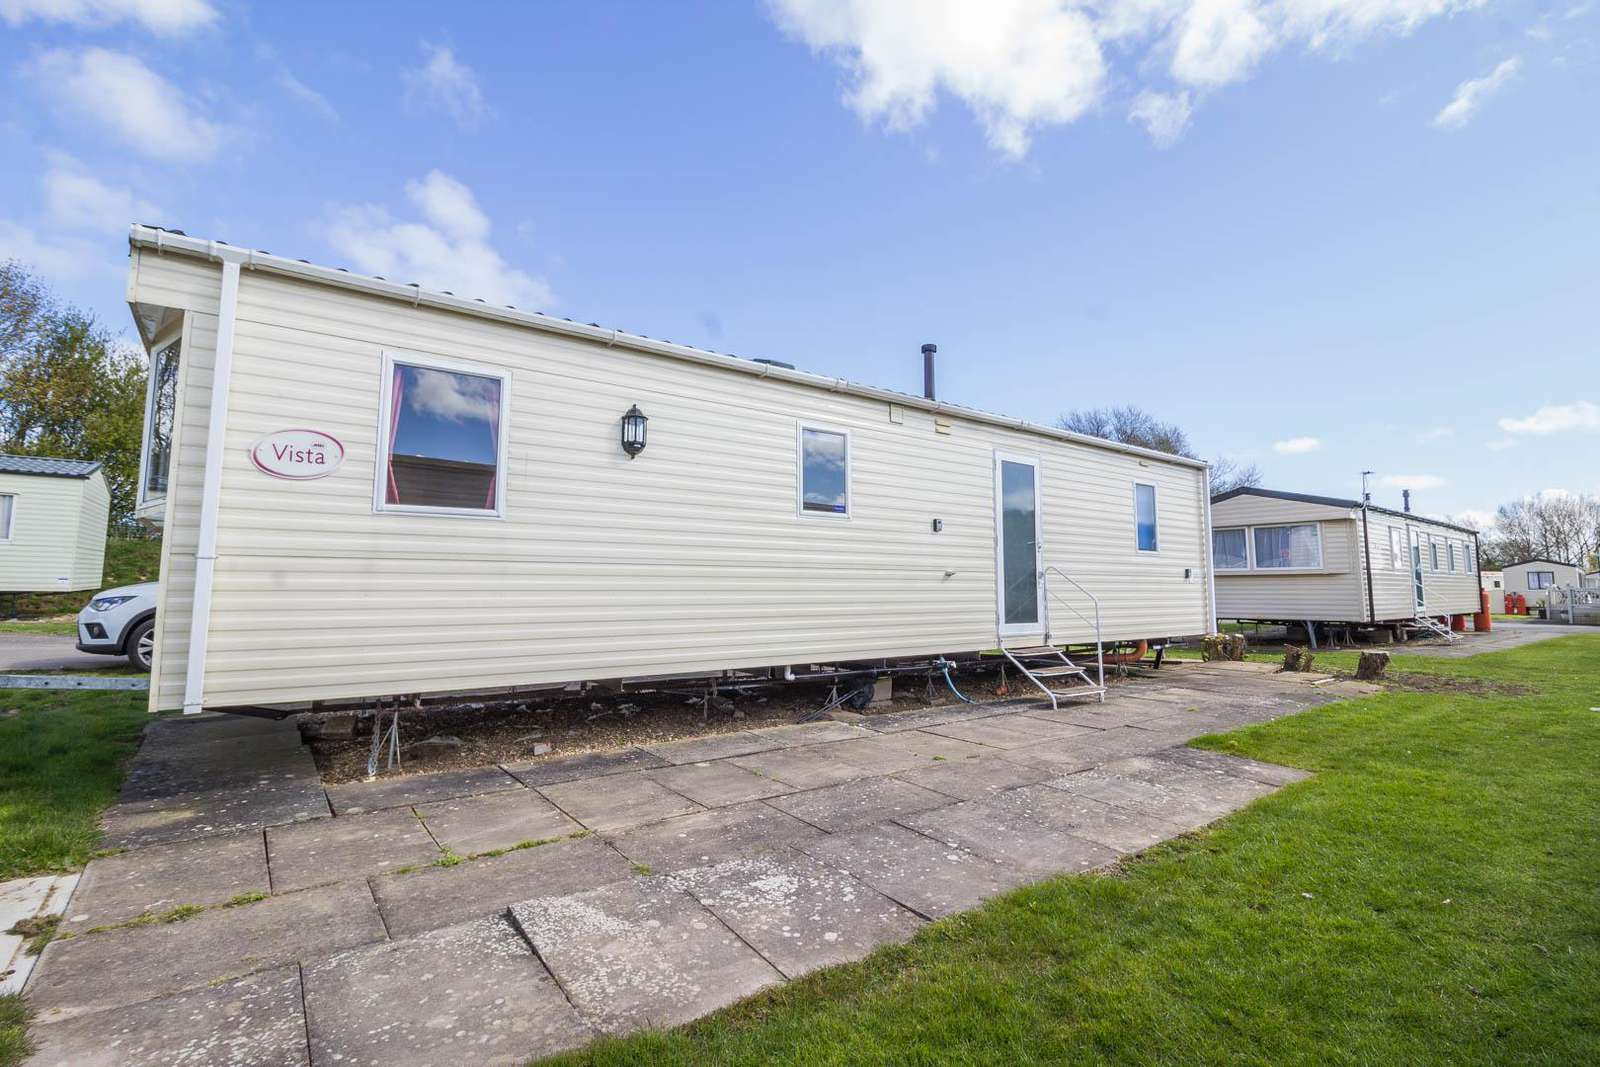 33027TC – The Cedars area, 3 bed, 8 berth caravan. Emerald rated. - property